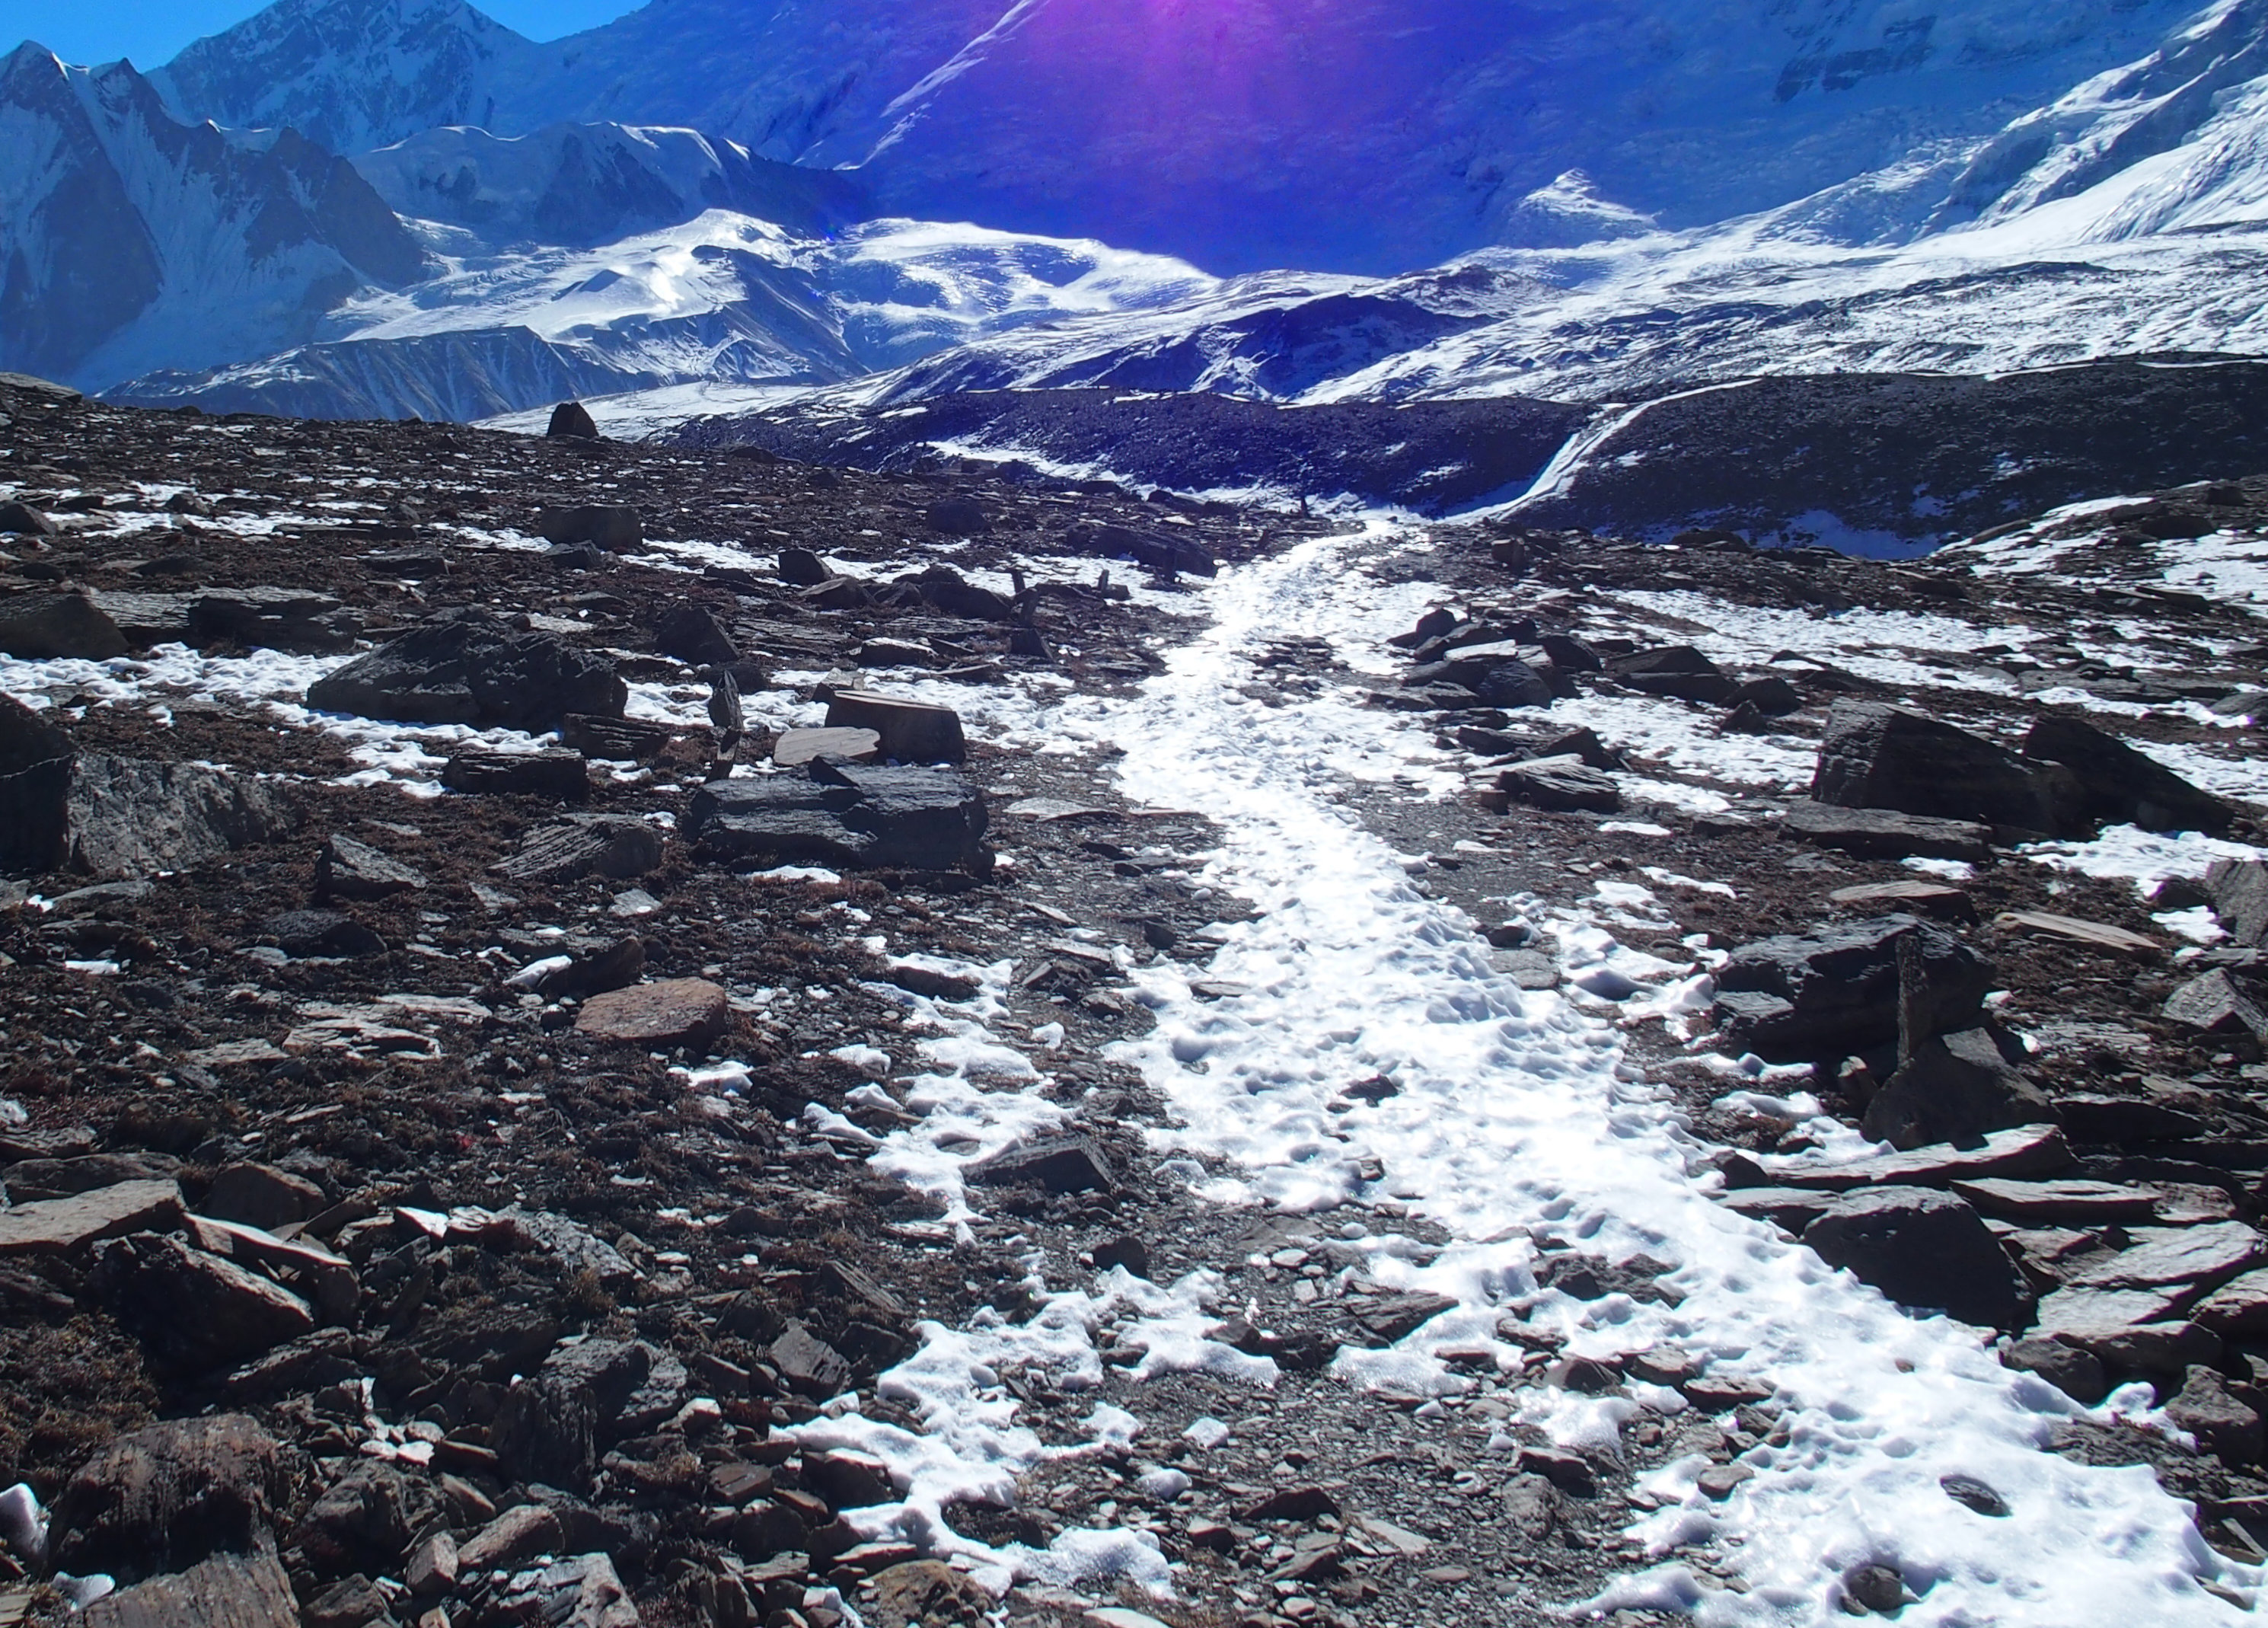 Schneebedeckter letzter Abschnitt zum Tilicho See